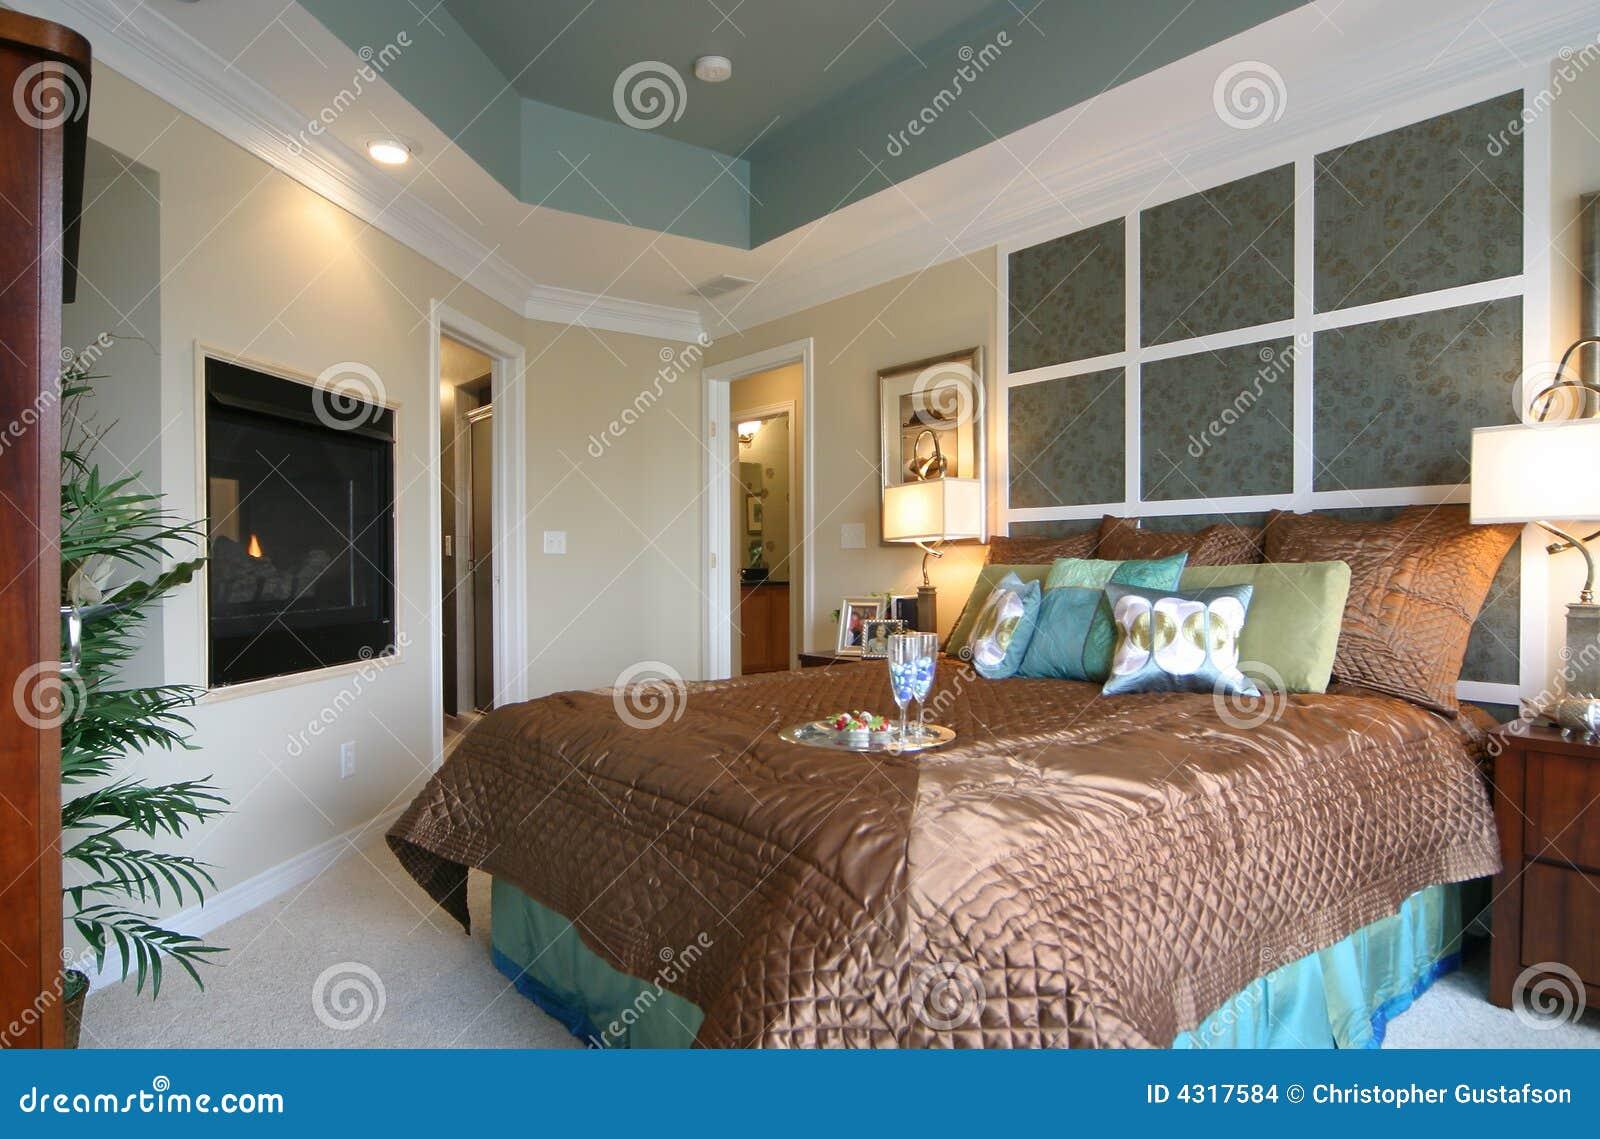 Moderne Slaapkamer Met Open Haard Stock Afbeeldingen - Afbeelding ...